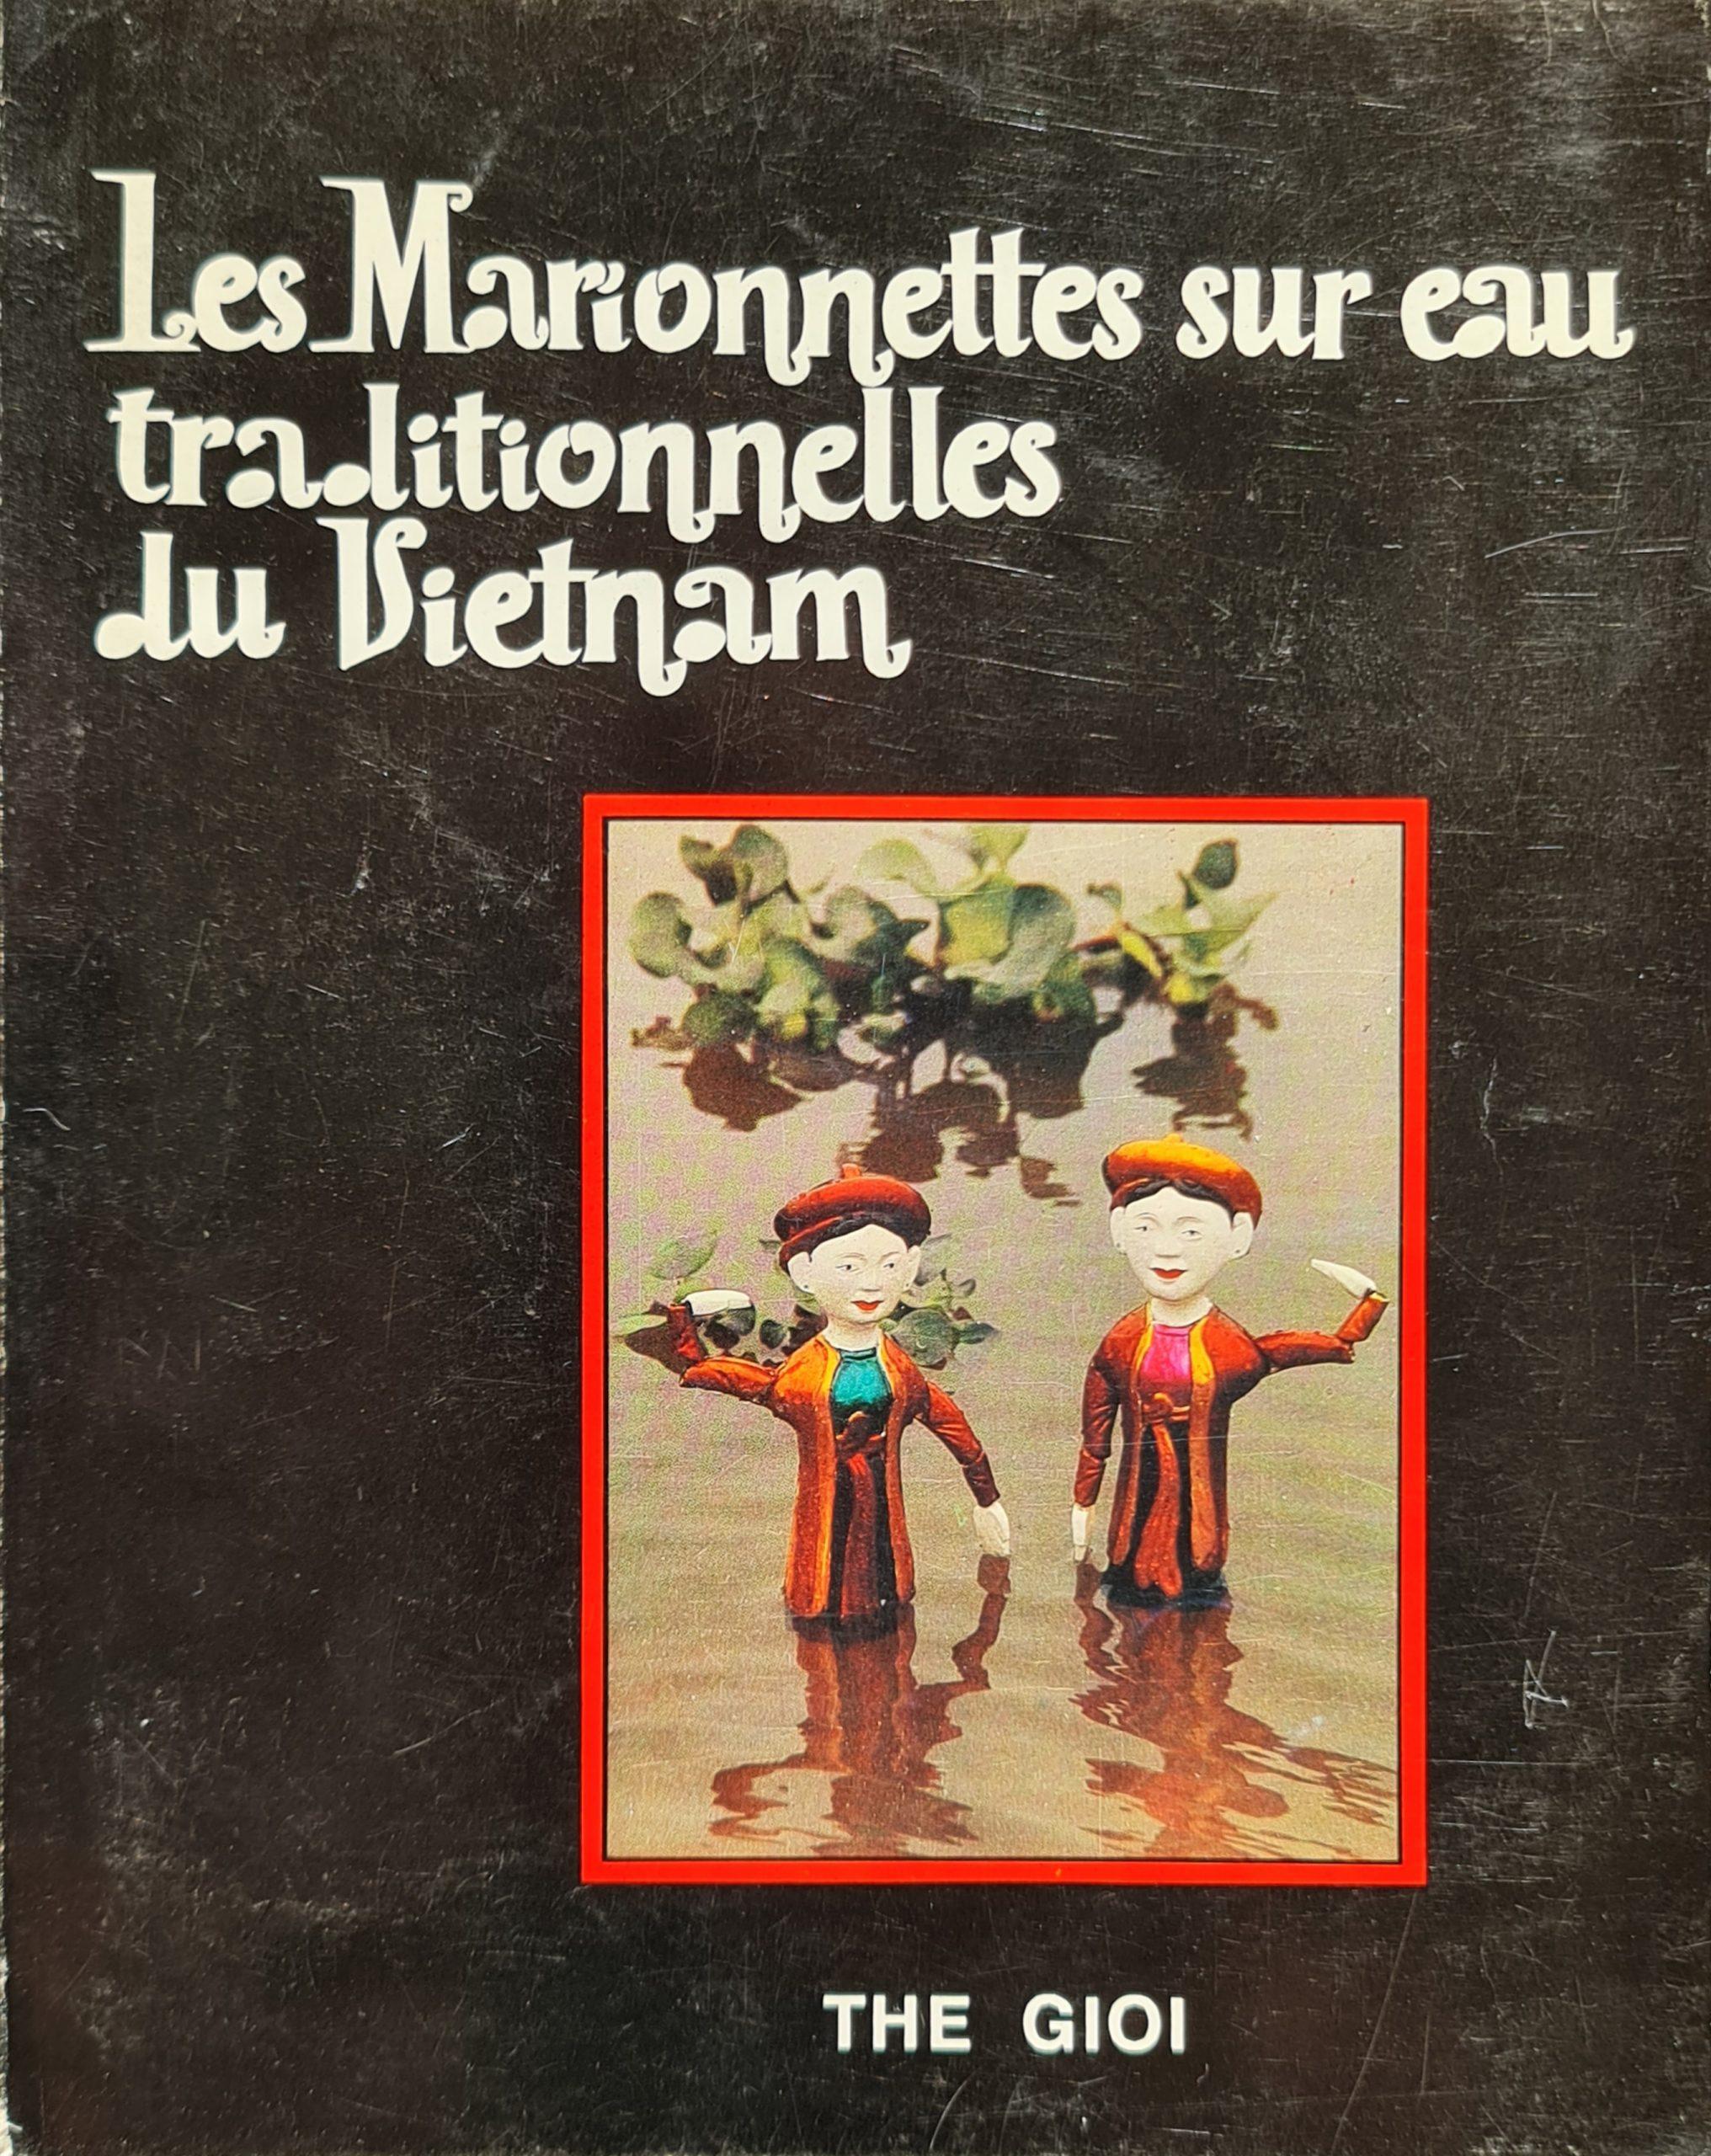 les marionnettes sur eau traditionnelles du Vietnam the Gioi Hanoi Vietnam 1992 French language franch translation the gioi vietnam the gioi publishers hanoi skoander.com